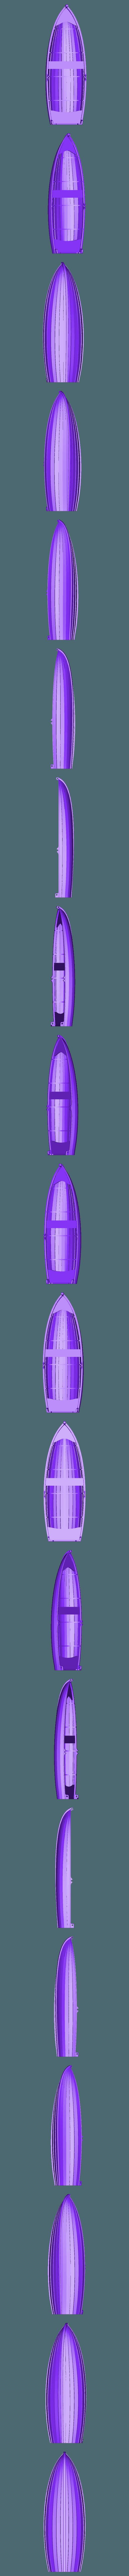 Dinghy_01-Hull-Body.stl Télécharger fichier STL gratuit Dinghy 01 • Design pour impression 3D, Wilko